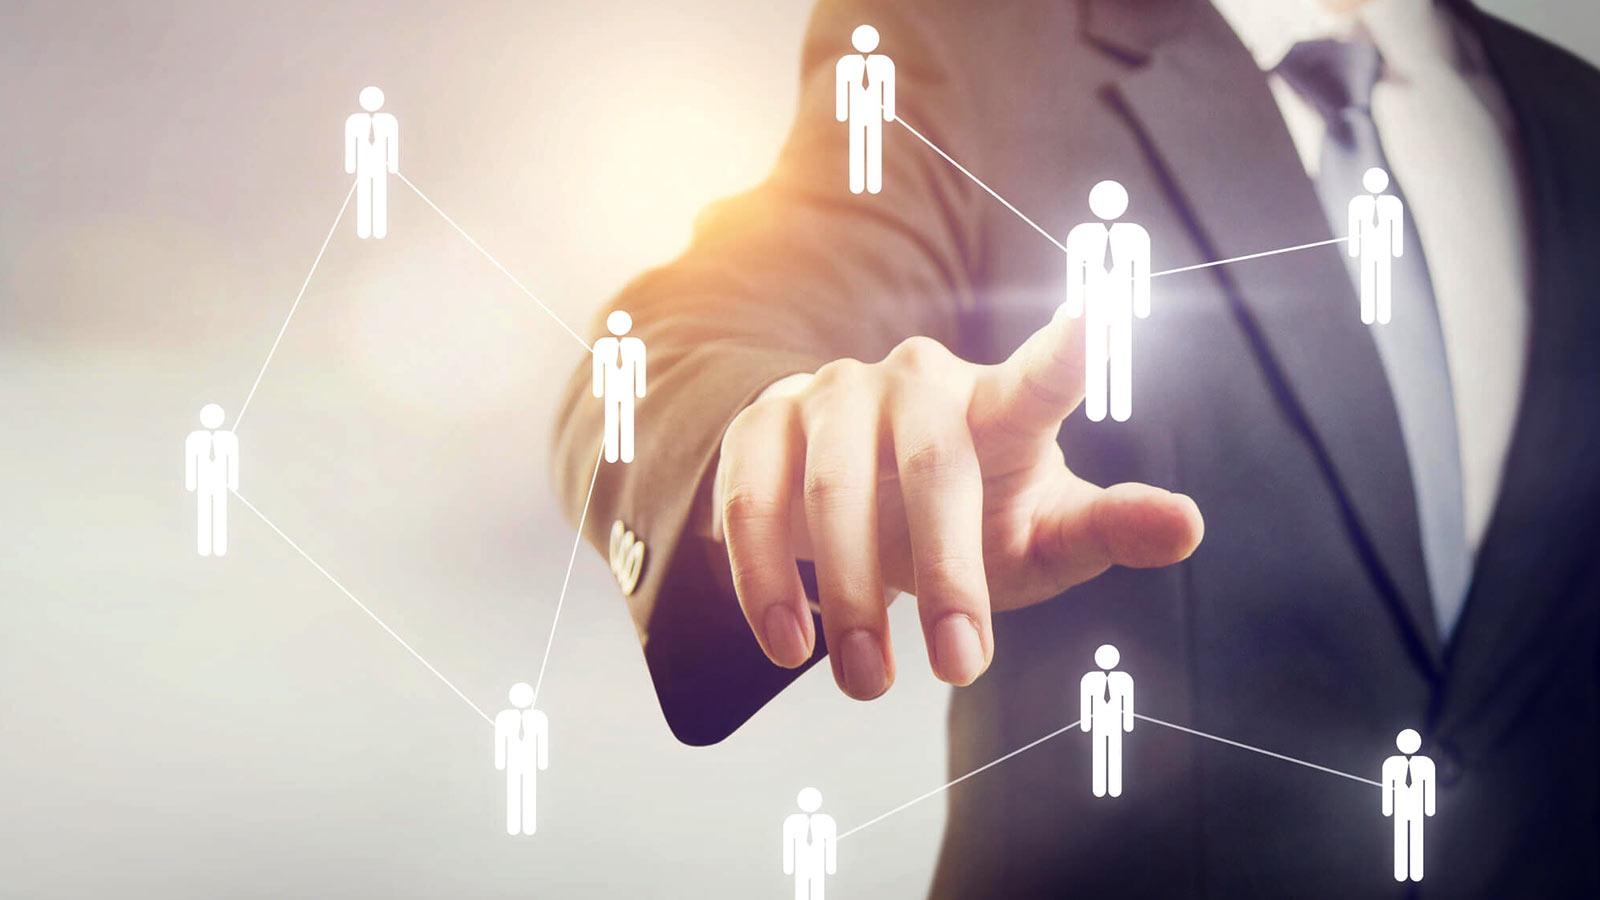 entenda o que e buyer persona e sua importancia para o negocio 1a dumela - Entenda o que é buyer persona e sua importância para o negócio